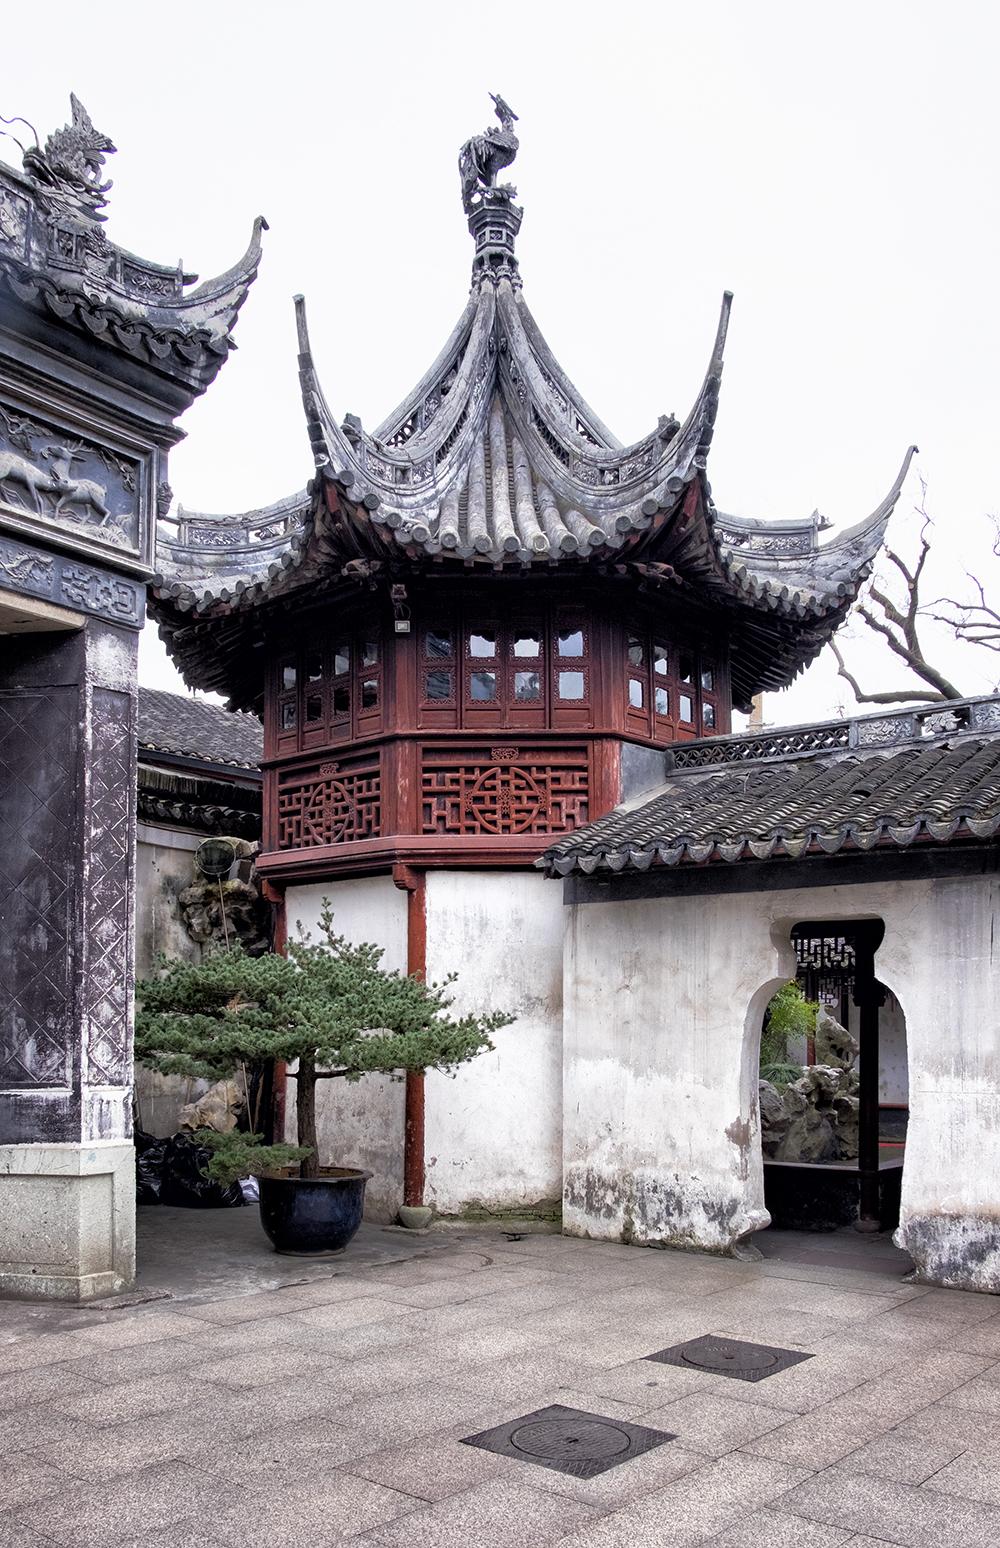 160317 Shanghai 191-1 edit.jpg